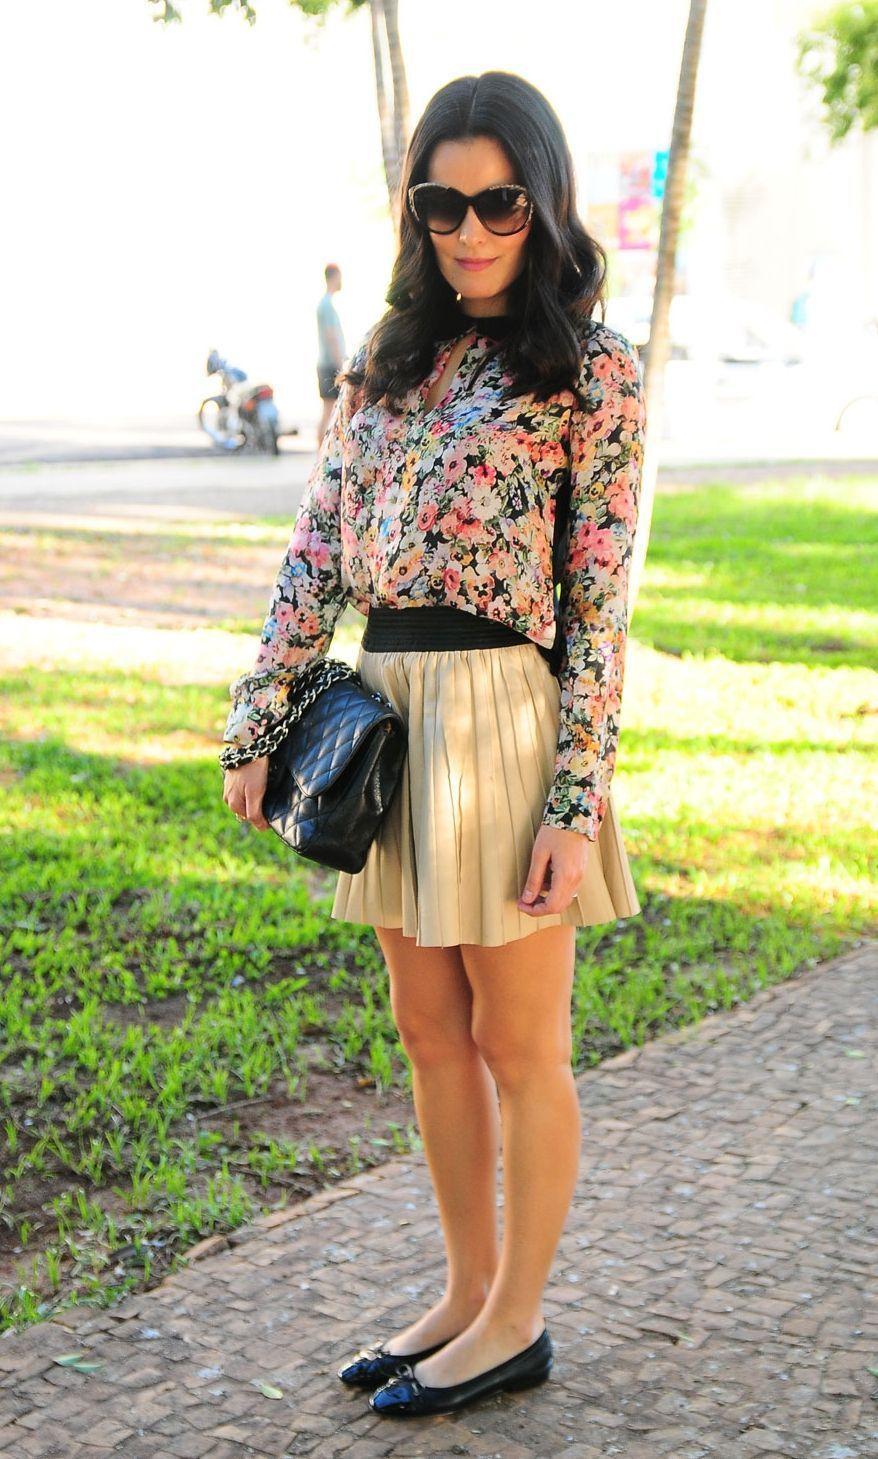 """Foto: Reprodução / <a href=""""http://www.blogdamariah.com.br/index.php/2012/01/look-do-dia-2-em-1/"""" target=""""_blank"""">Blog da Mariah</a>"""